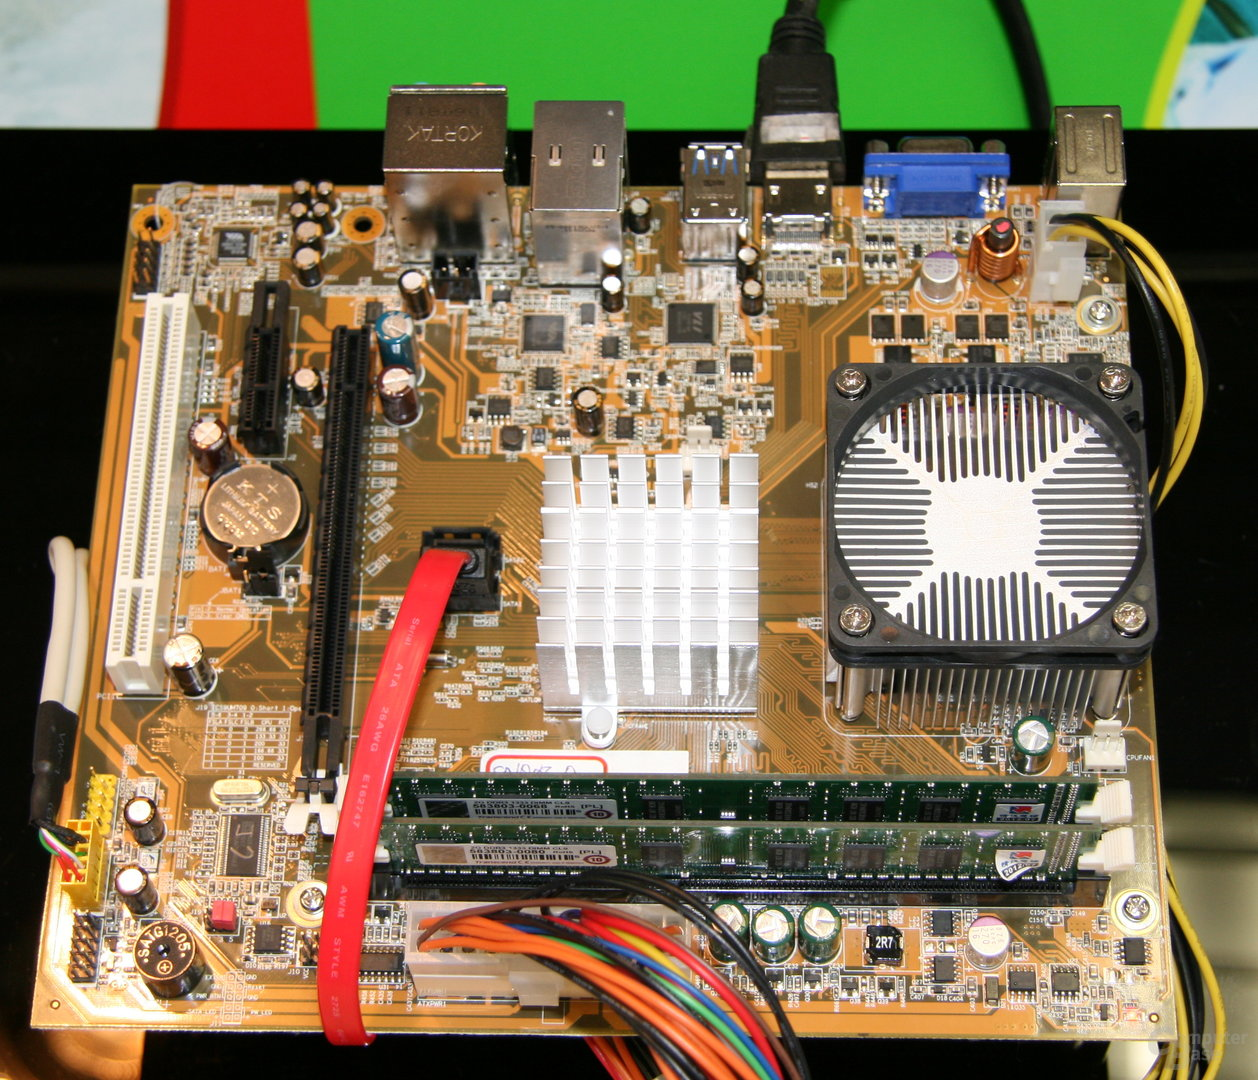 VIAs Quad-Core-Prozessor in Aktion